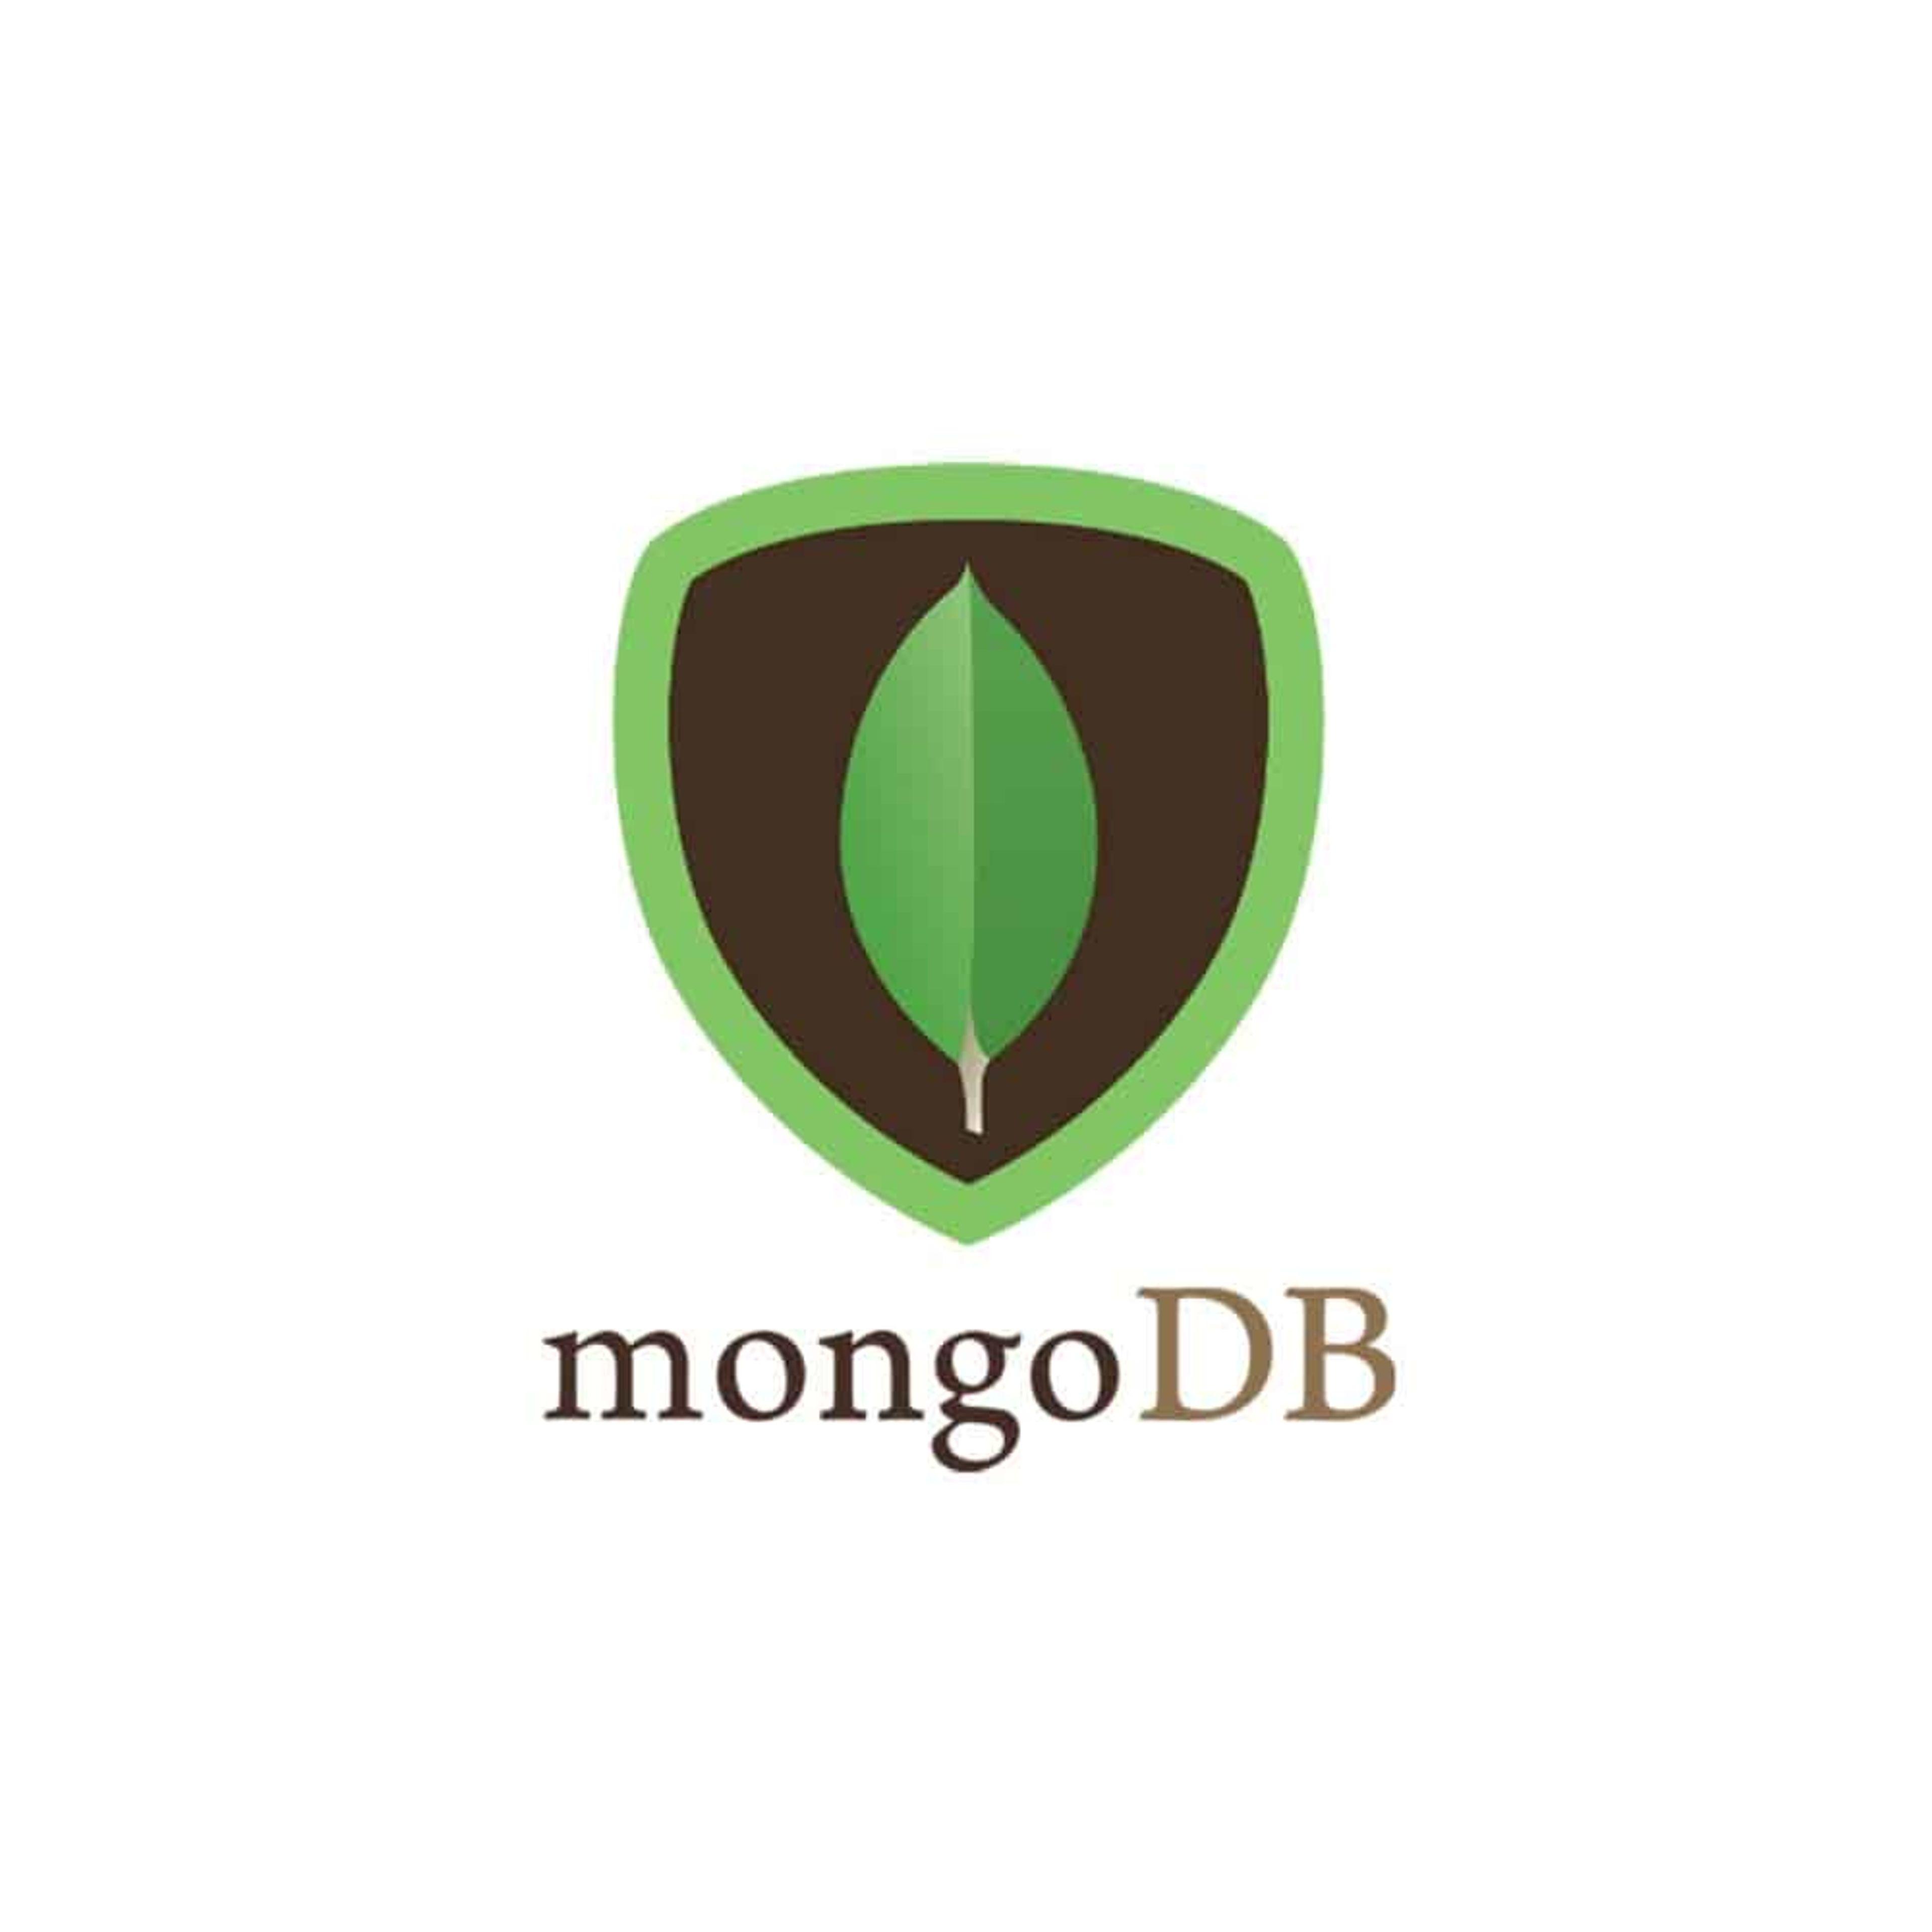 MongoDB est la base de données NoSQL la plus populaire